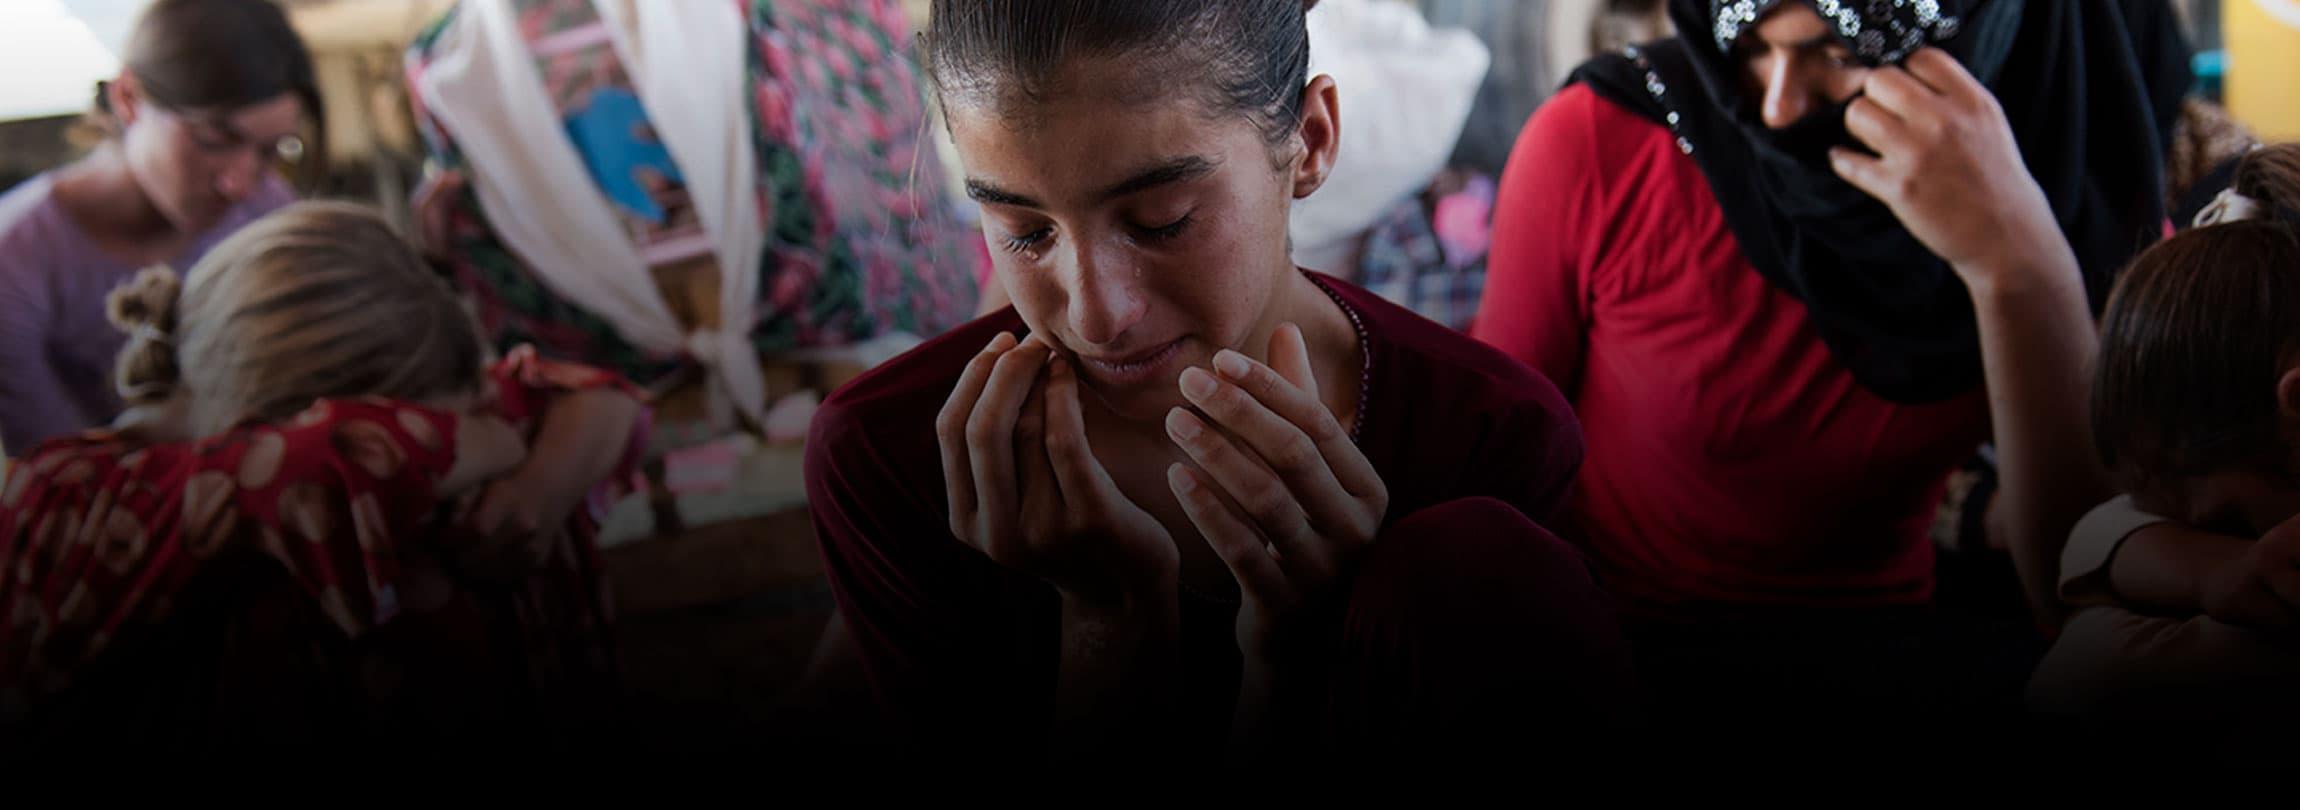 Reféns do Estado Islâmico são vendidas, estupradas e forçadas a abortar no Iraque